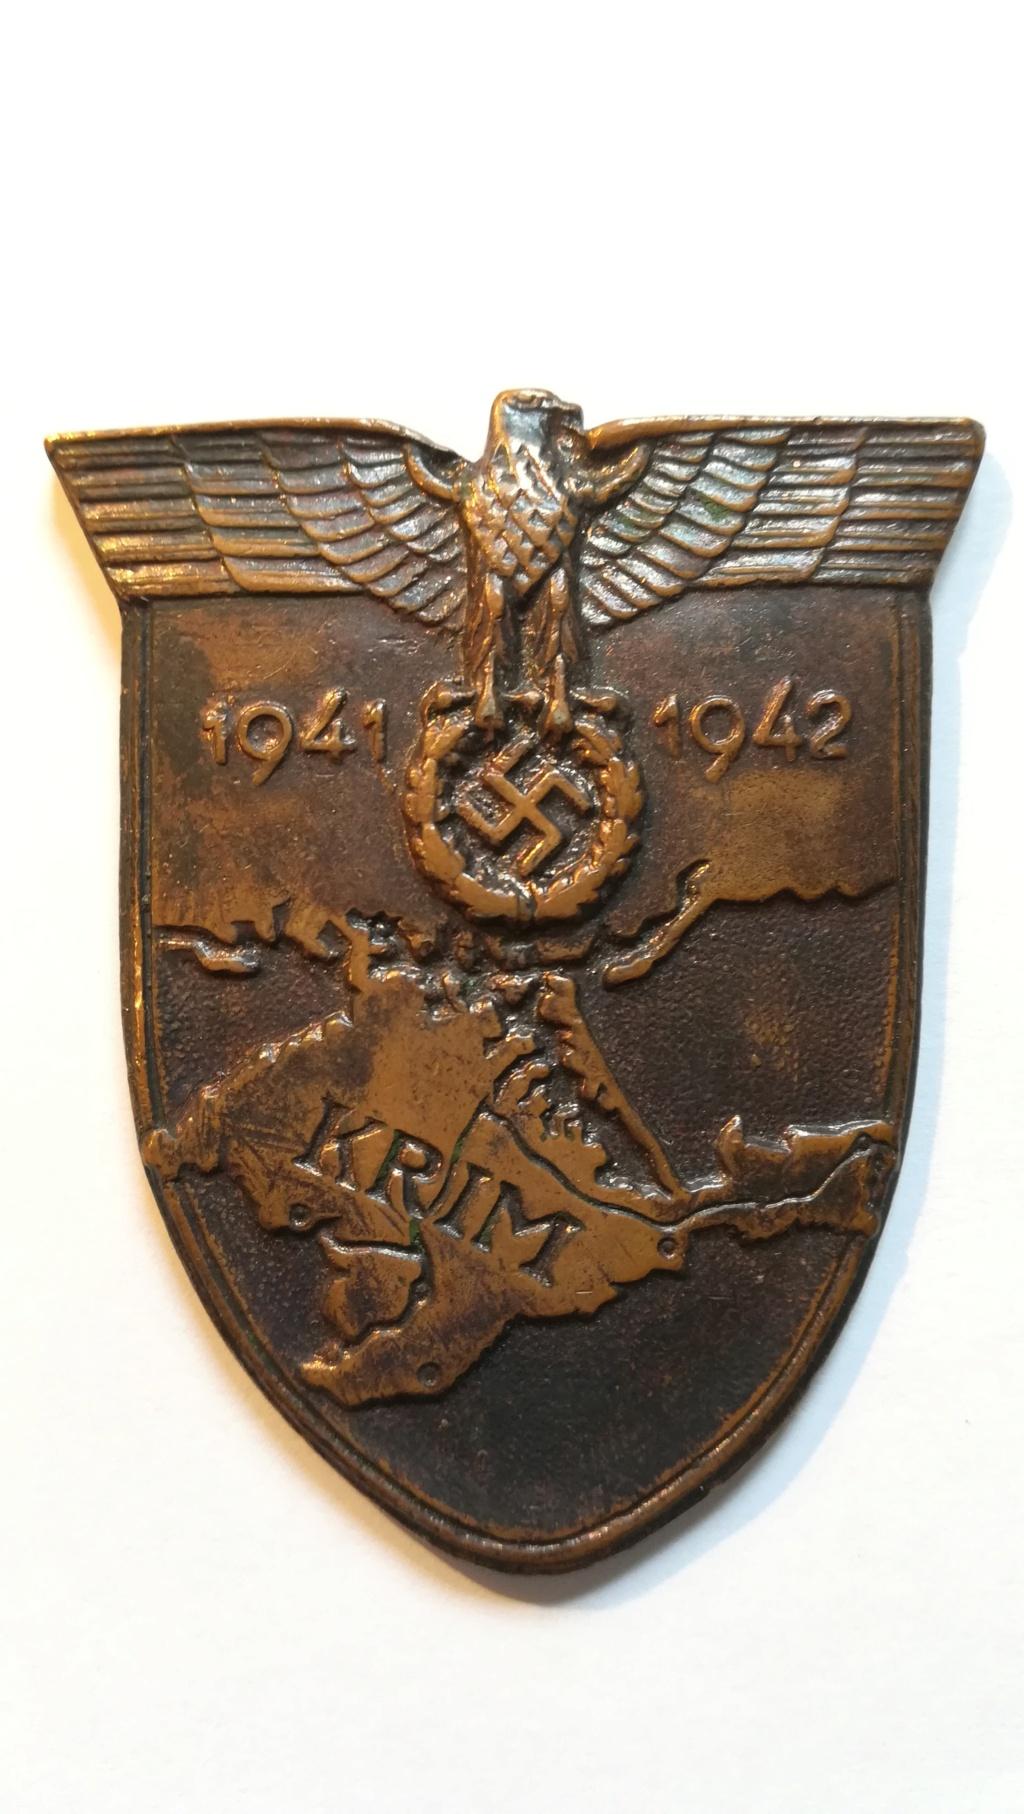 demande d authentification insignes allemandes Img_2094